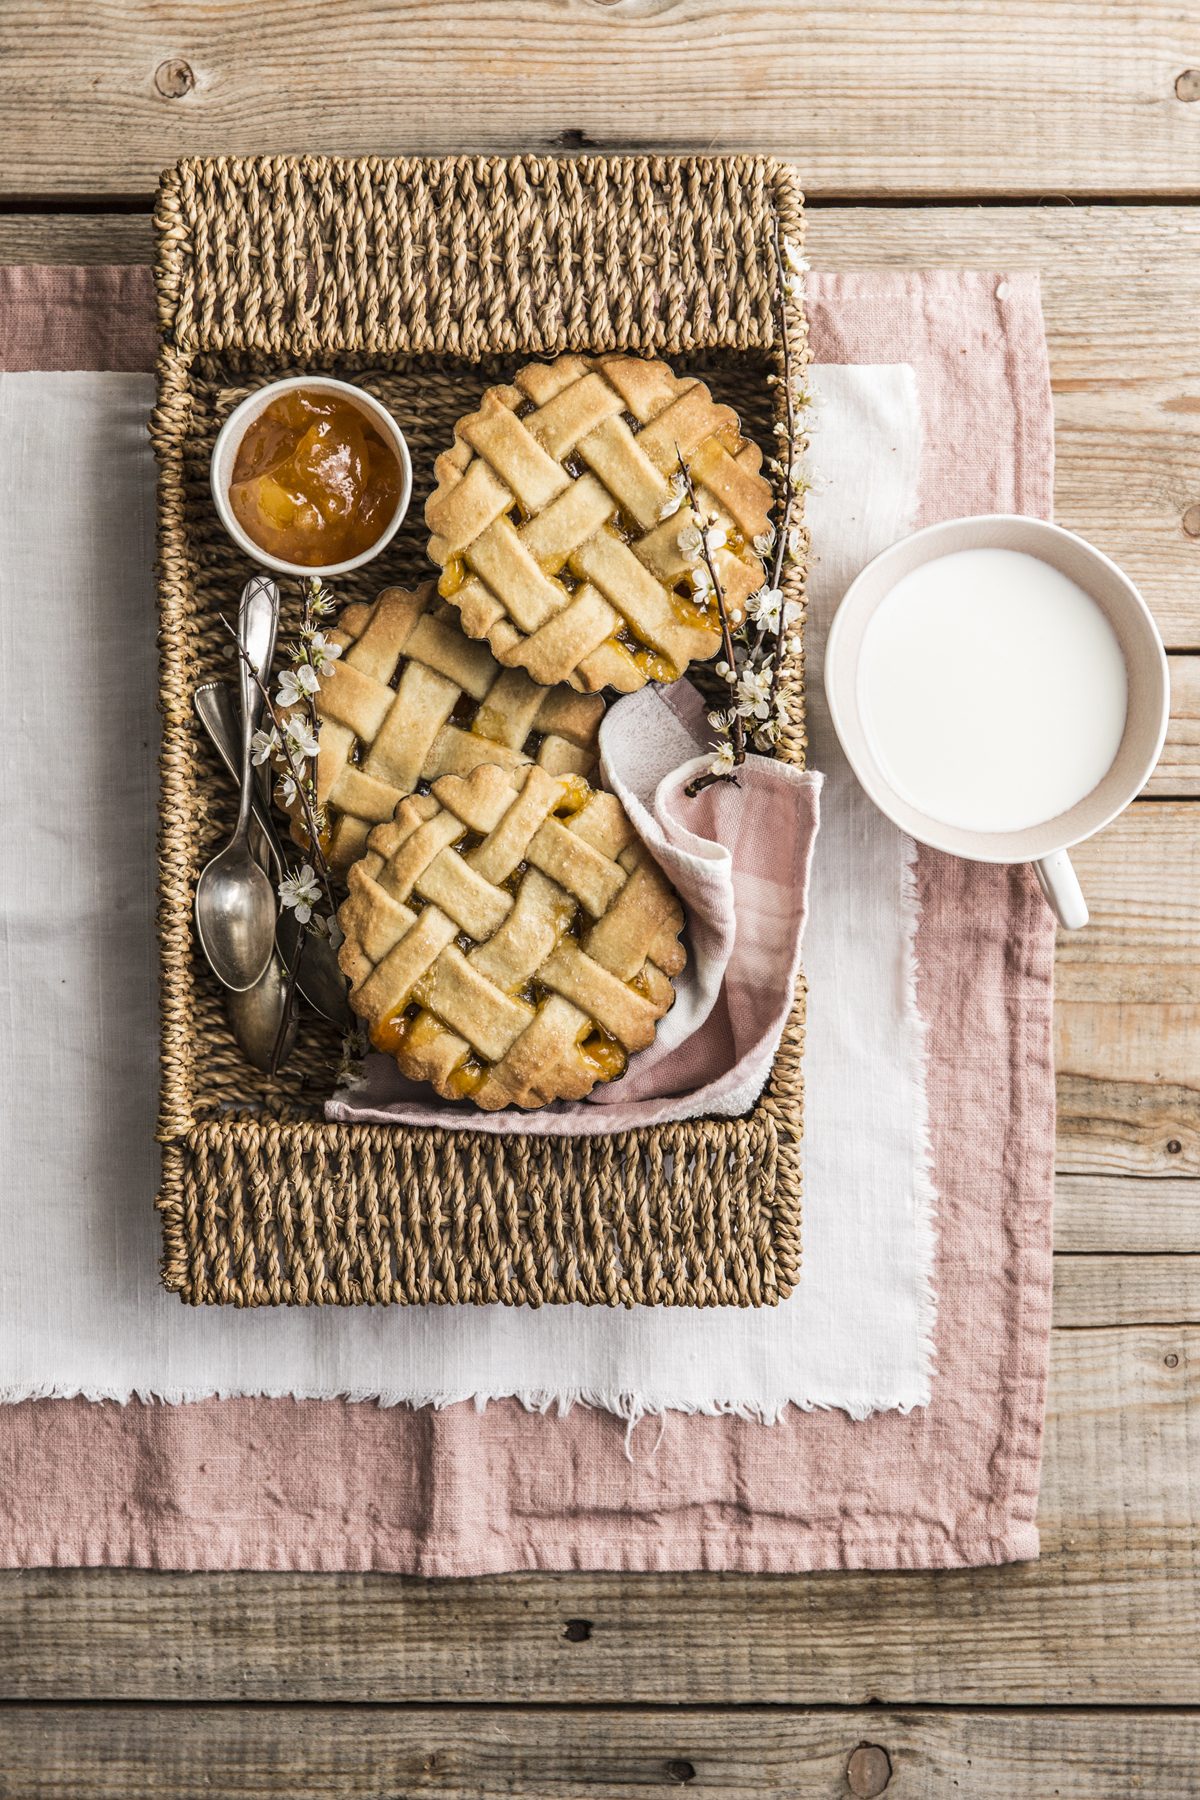 Crostatine di farro e mandorle con marmellata di albicocca e fiori d'arancio